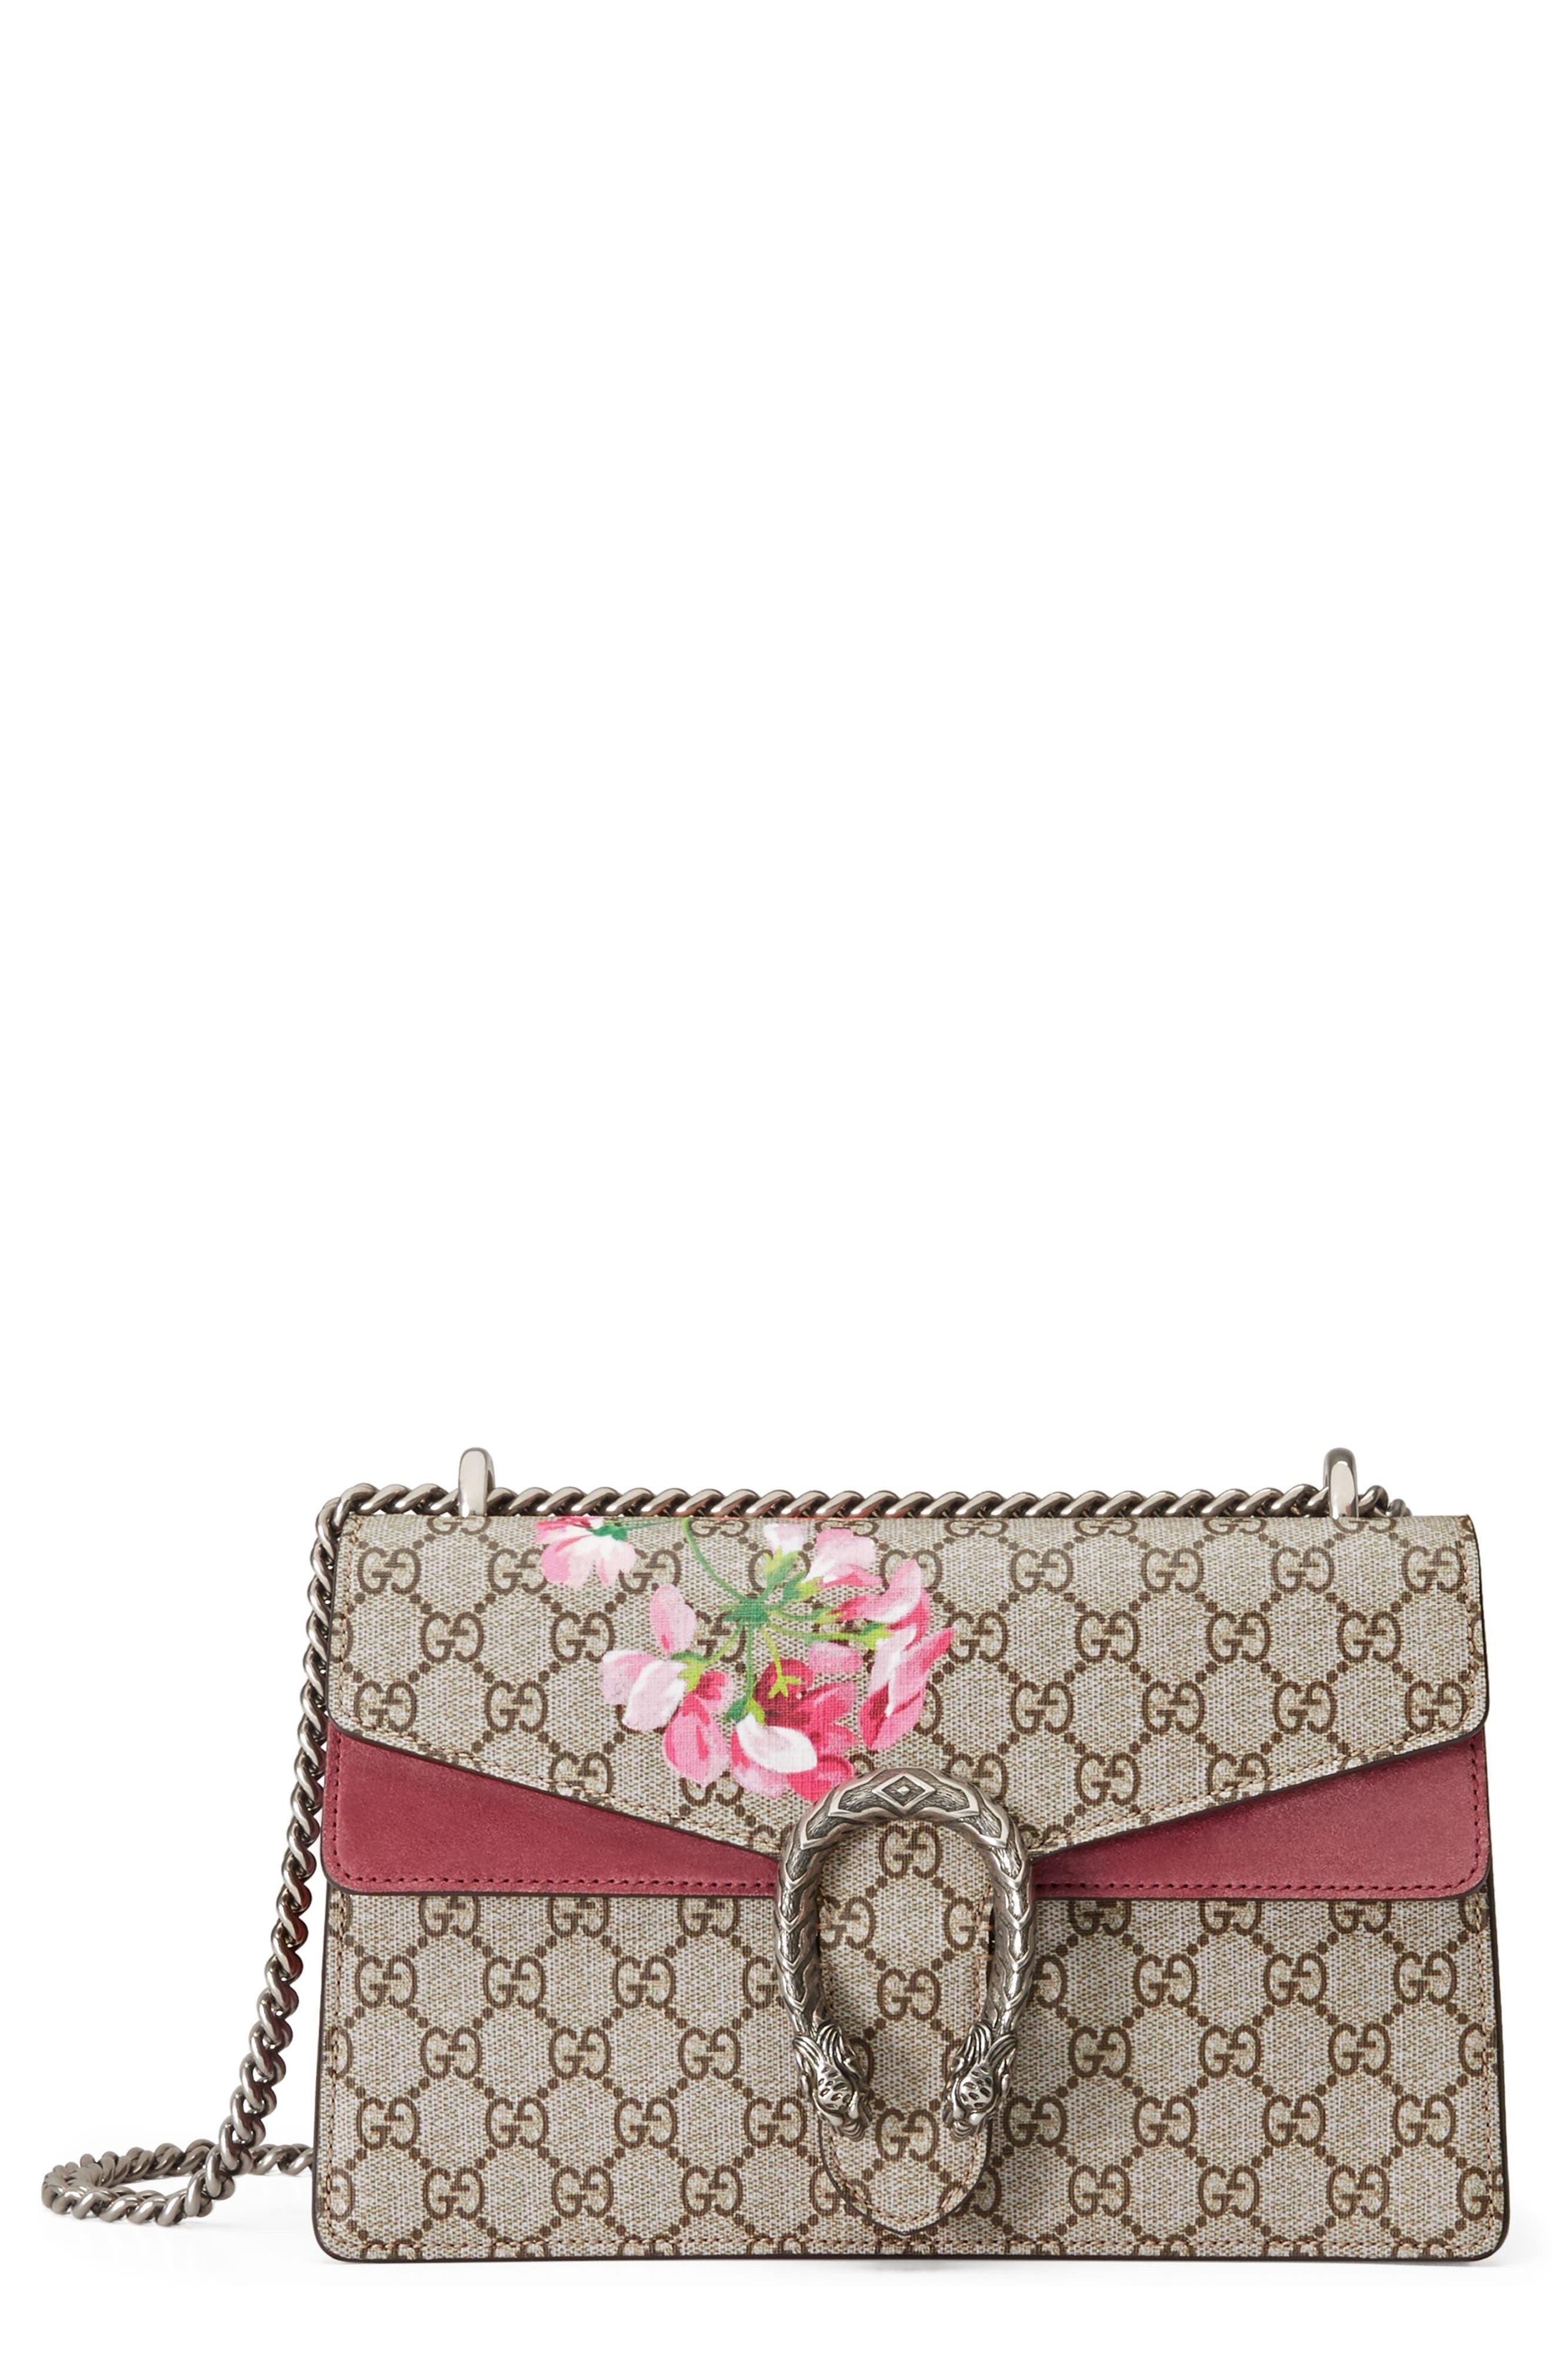 Small Dionysus Floral GG Supreme Canvas Shoulder Bag,                         Main,                         color, Beige Ebony/ Dry Rose